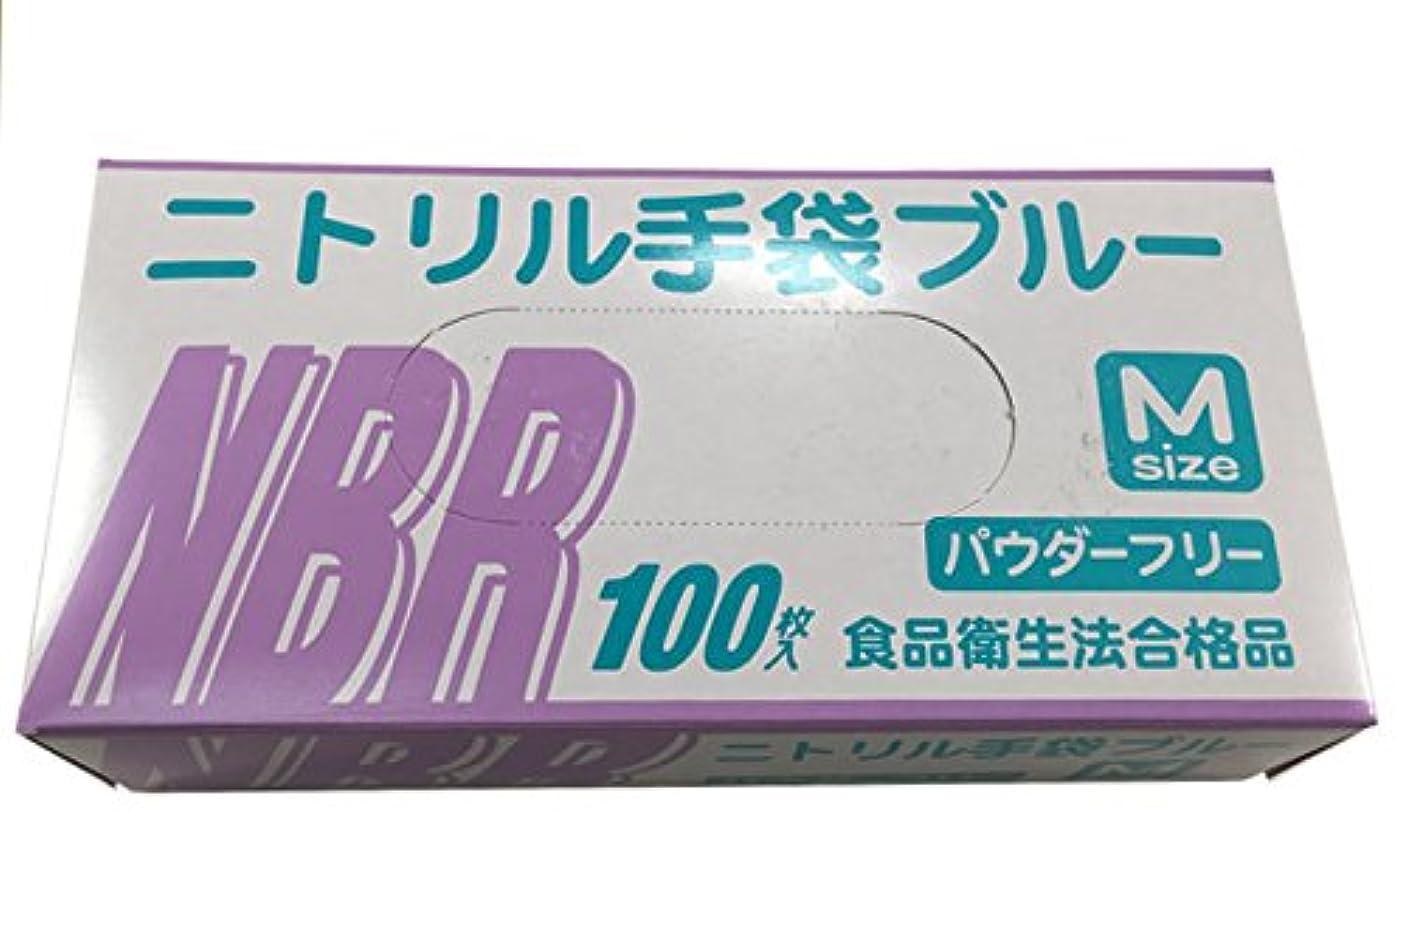 ギャンブルクアッガ戸棚使い捨て手袋 ニトリル グローブ ブルー 食品衛生法合格品 粉なし 100枚入×20個セット Mサイズ